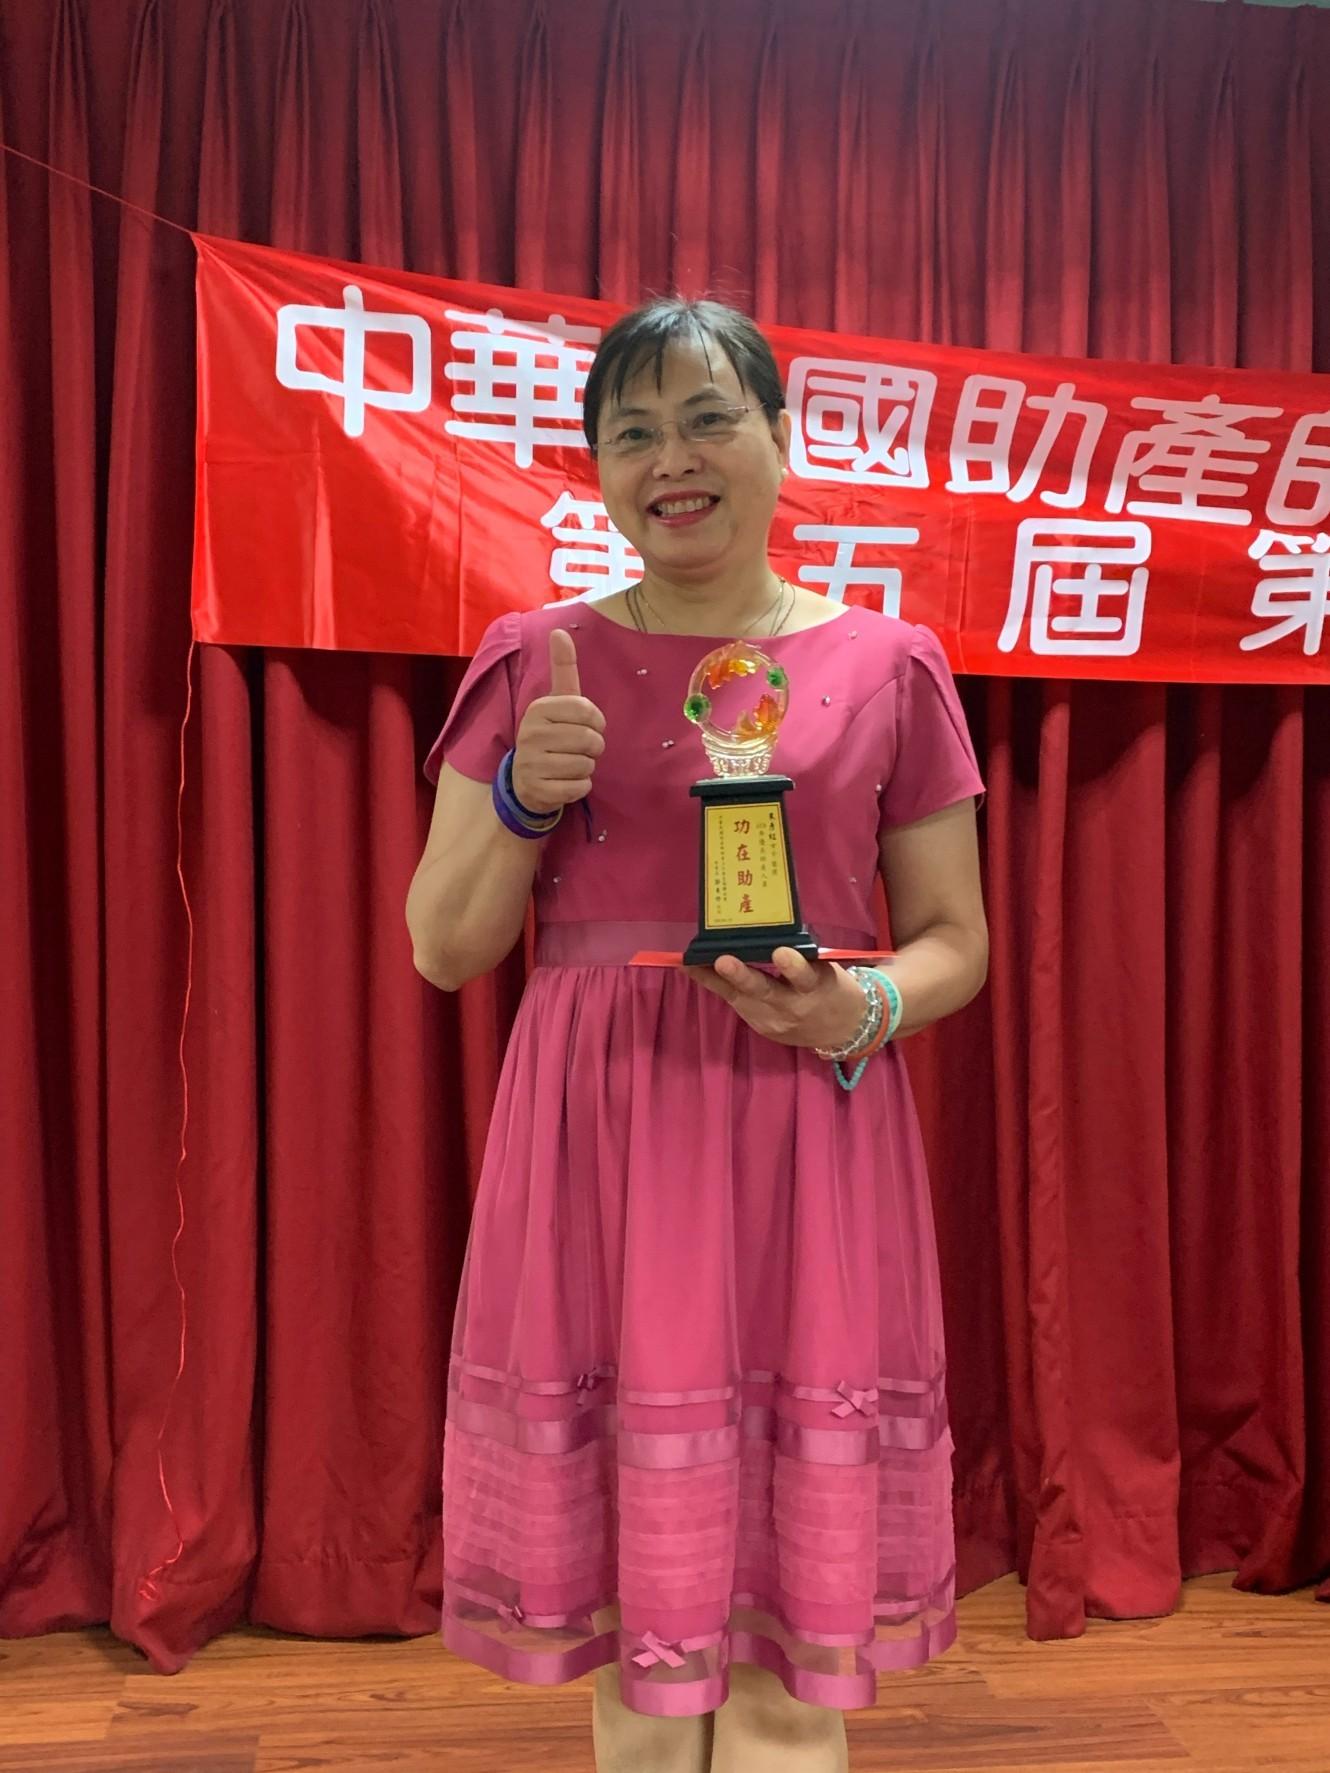 台中市助產師助產士公會第31屆第二次會員大會   報名:https://forms.gle/qCouZ3H92DMrkw8H6